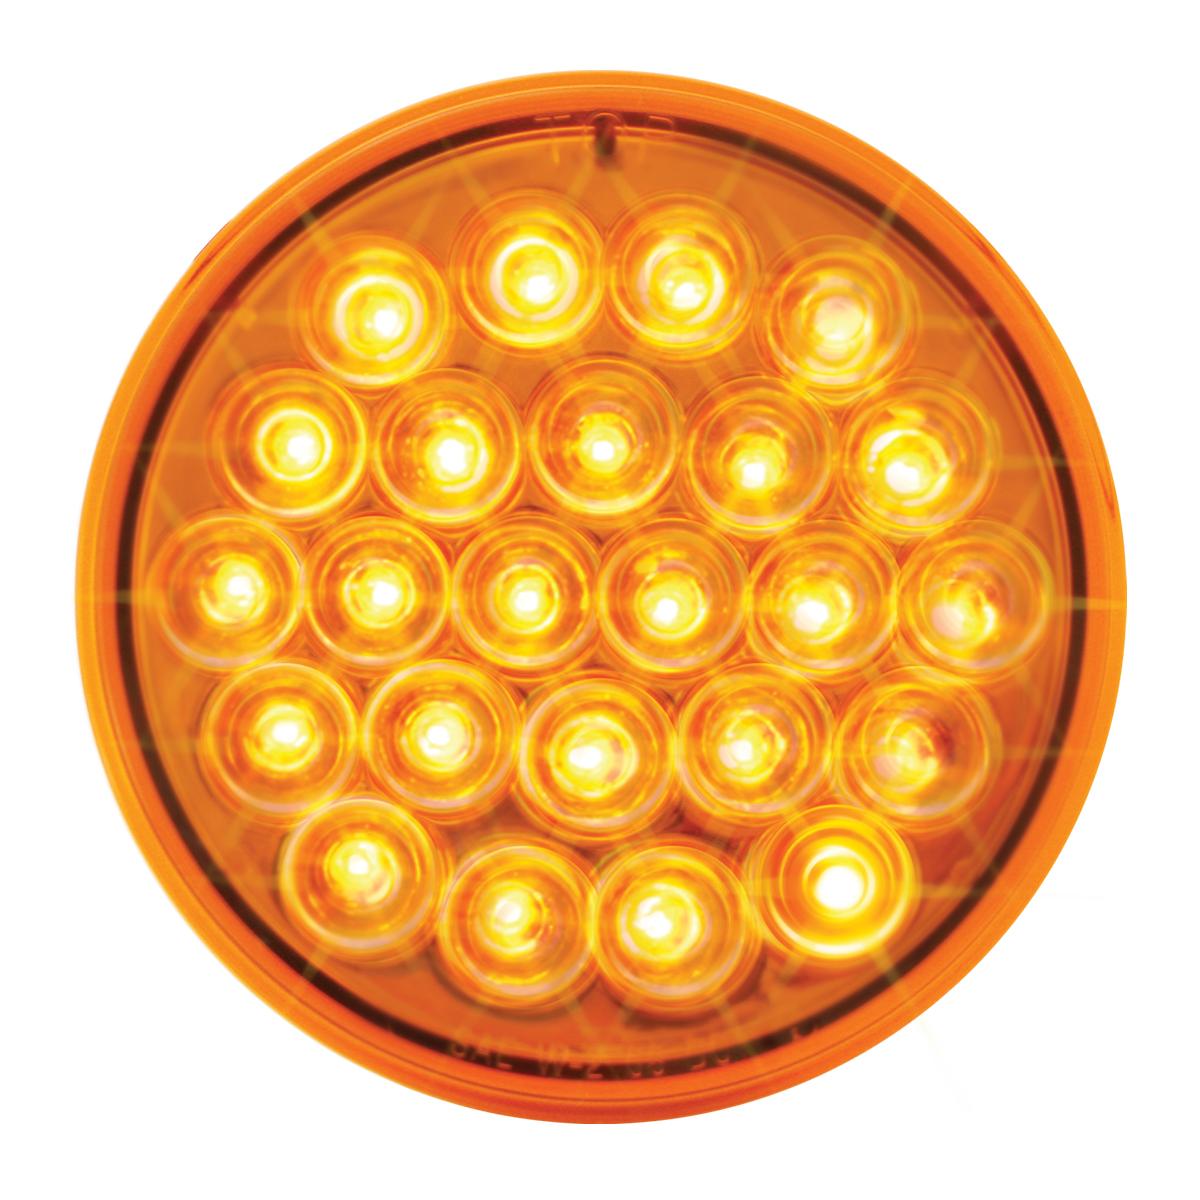 4 Round Amber LED Strobe light